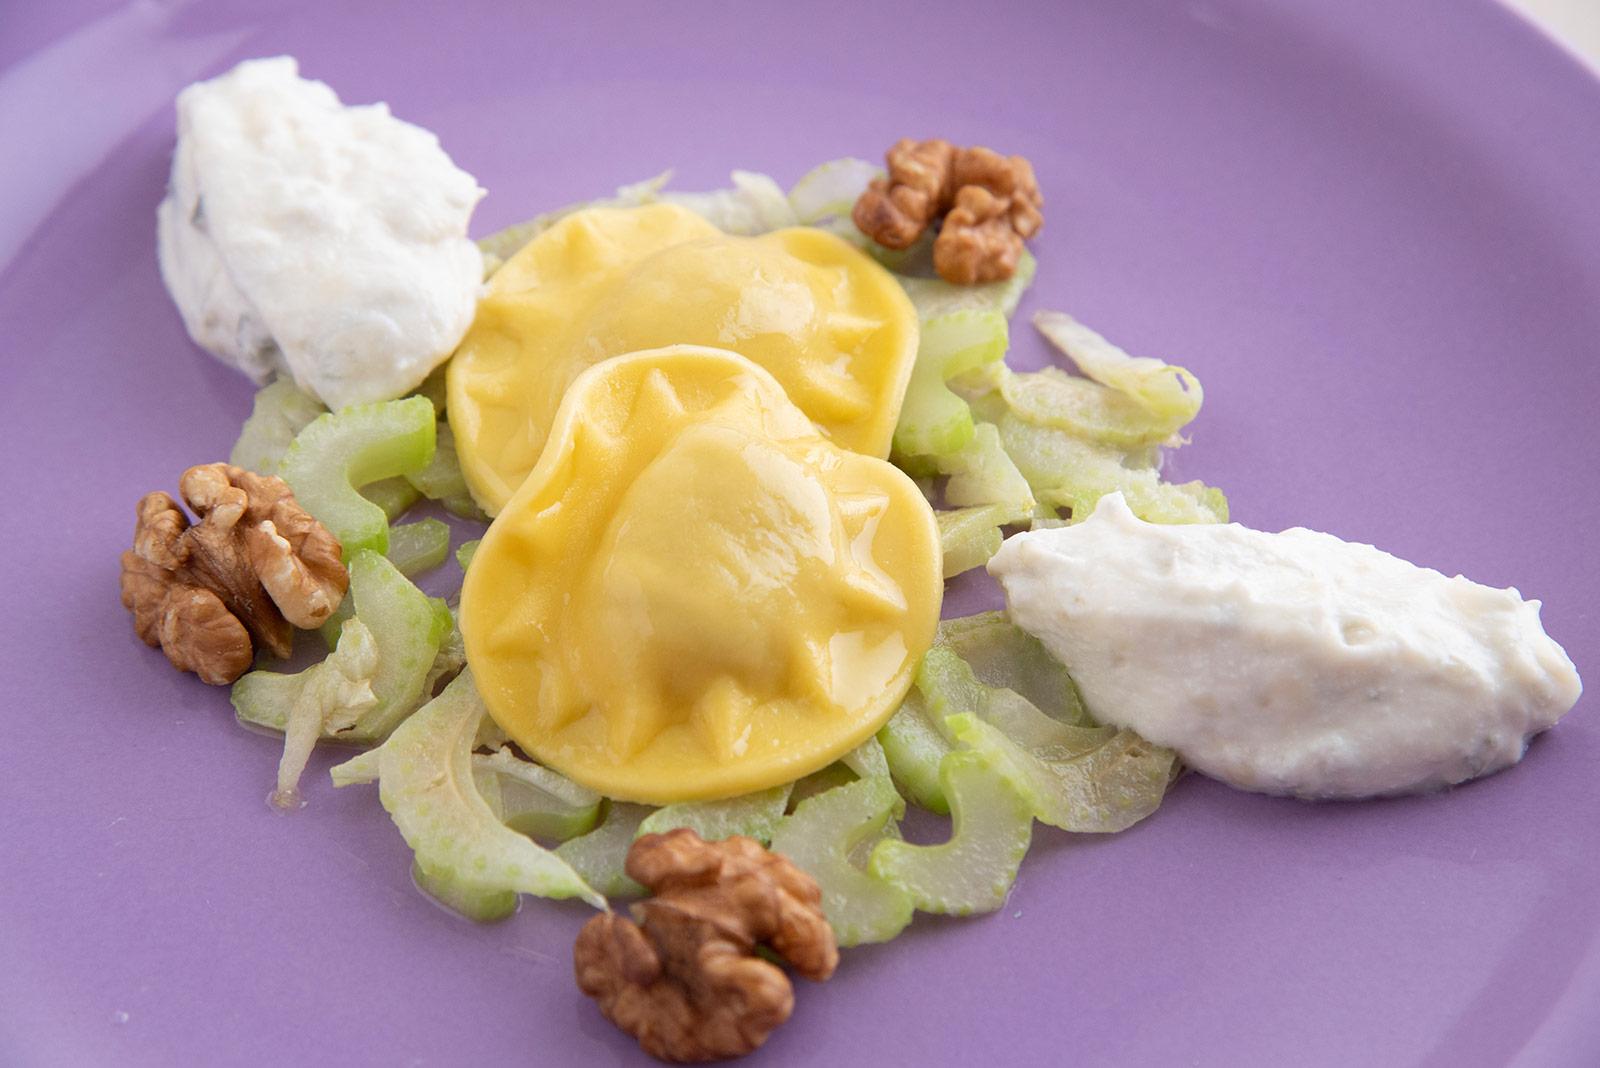 Ricetta Panciotti con robiola e tartufo con carpaccio di sedano stufato, quenelle di ricotta e gorgonzola e gherigli di noci - Pasta di Venezia